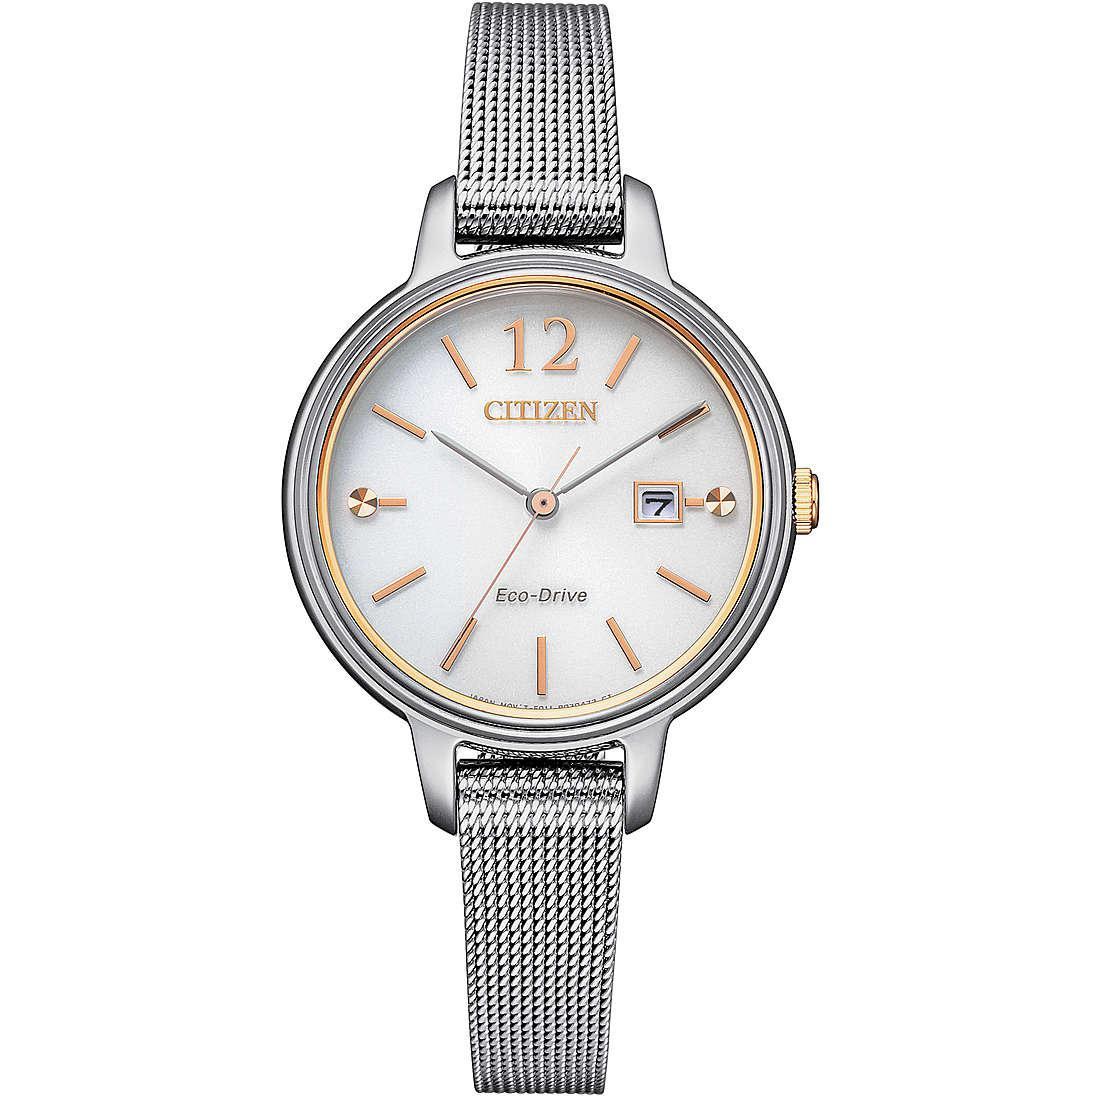 Orologio solo tempo donna citizen classic ew2449 83a